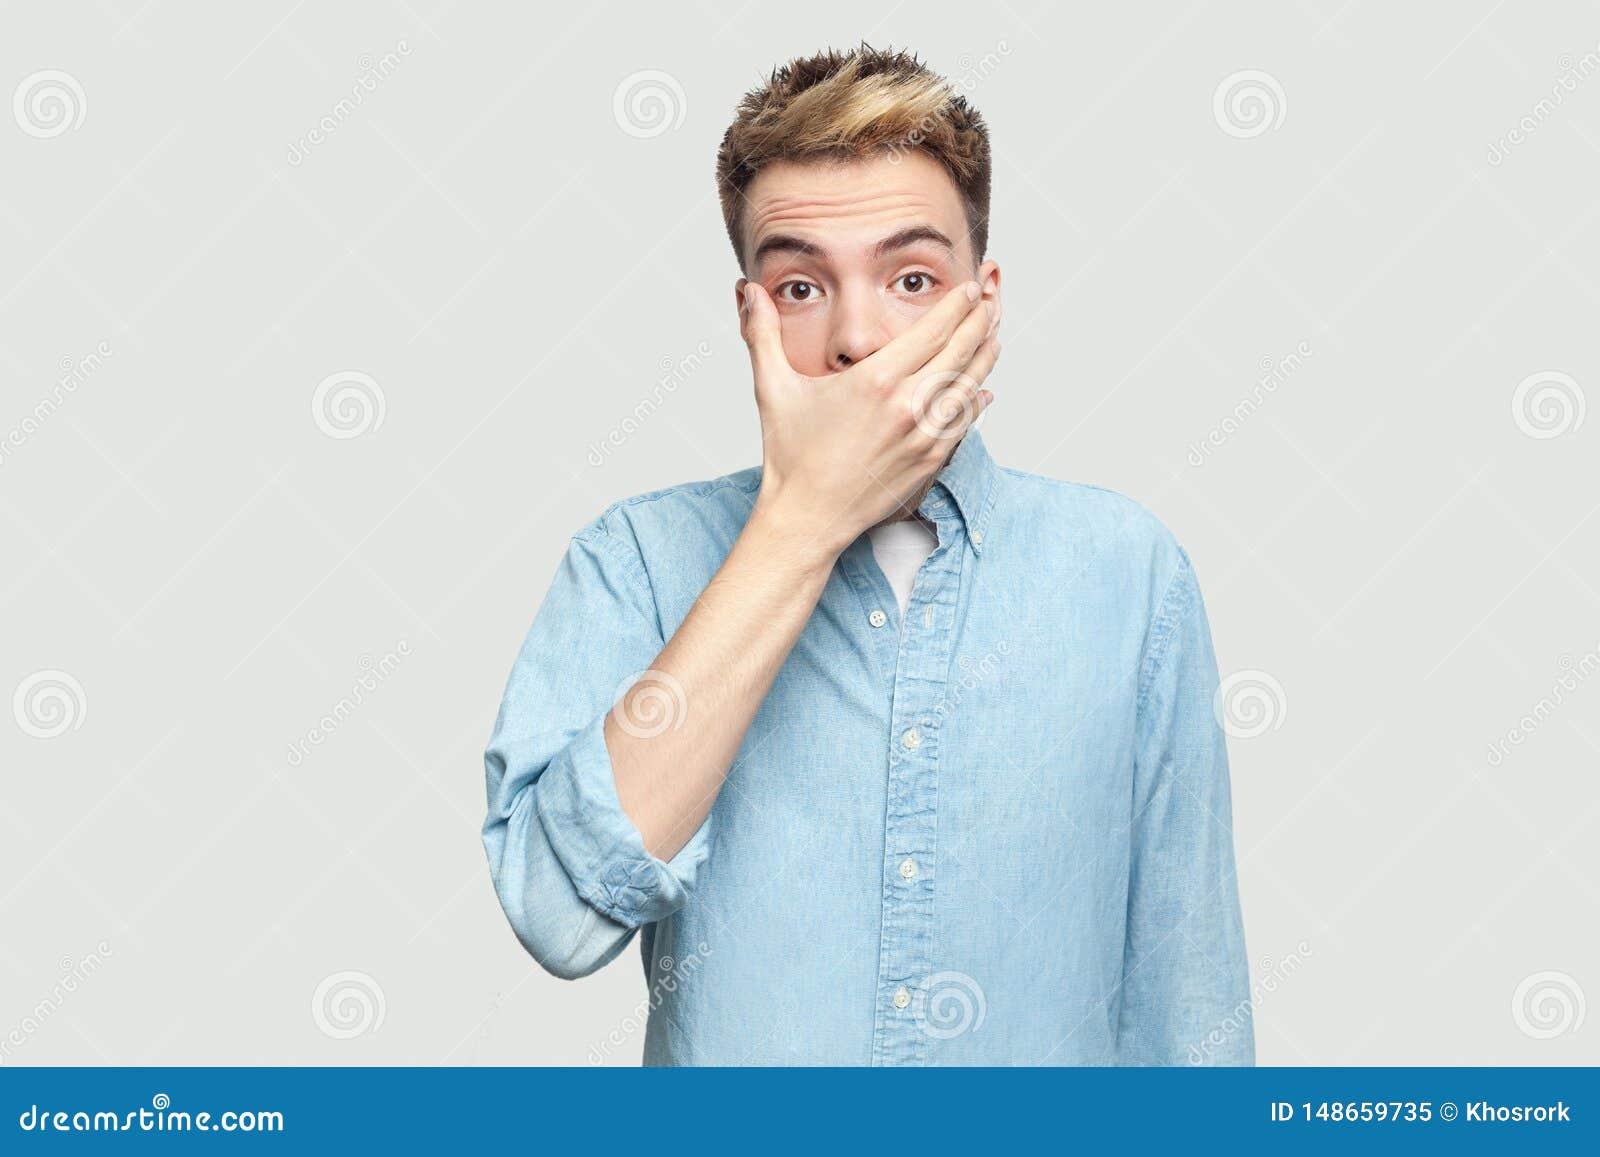 Portr?t des entsetzten h?bschen jungen Mannes in der hellblauen Hemdstellung mit erschrockenem Gesicht, seinen Mund bedeckend und